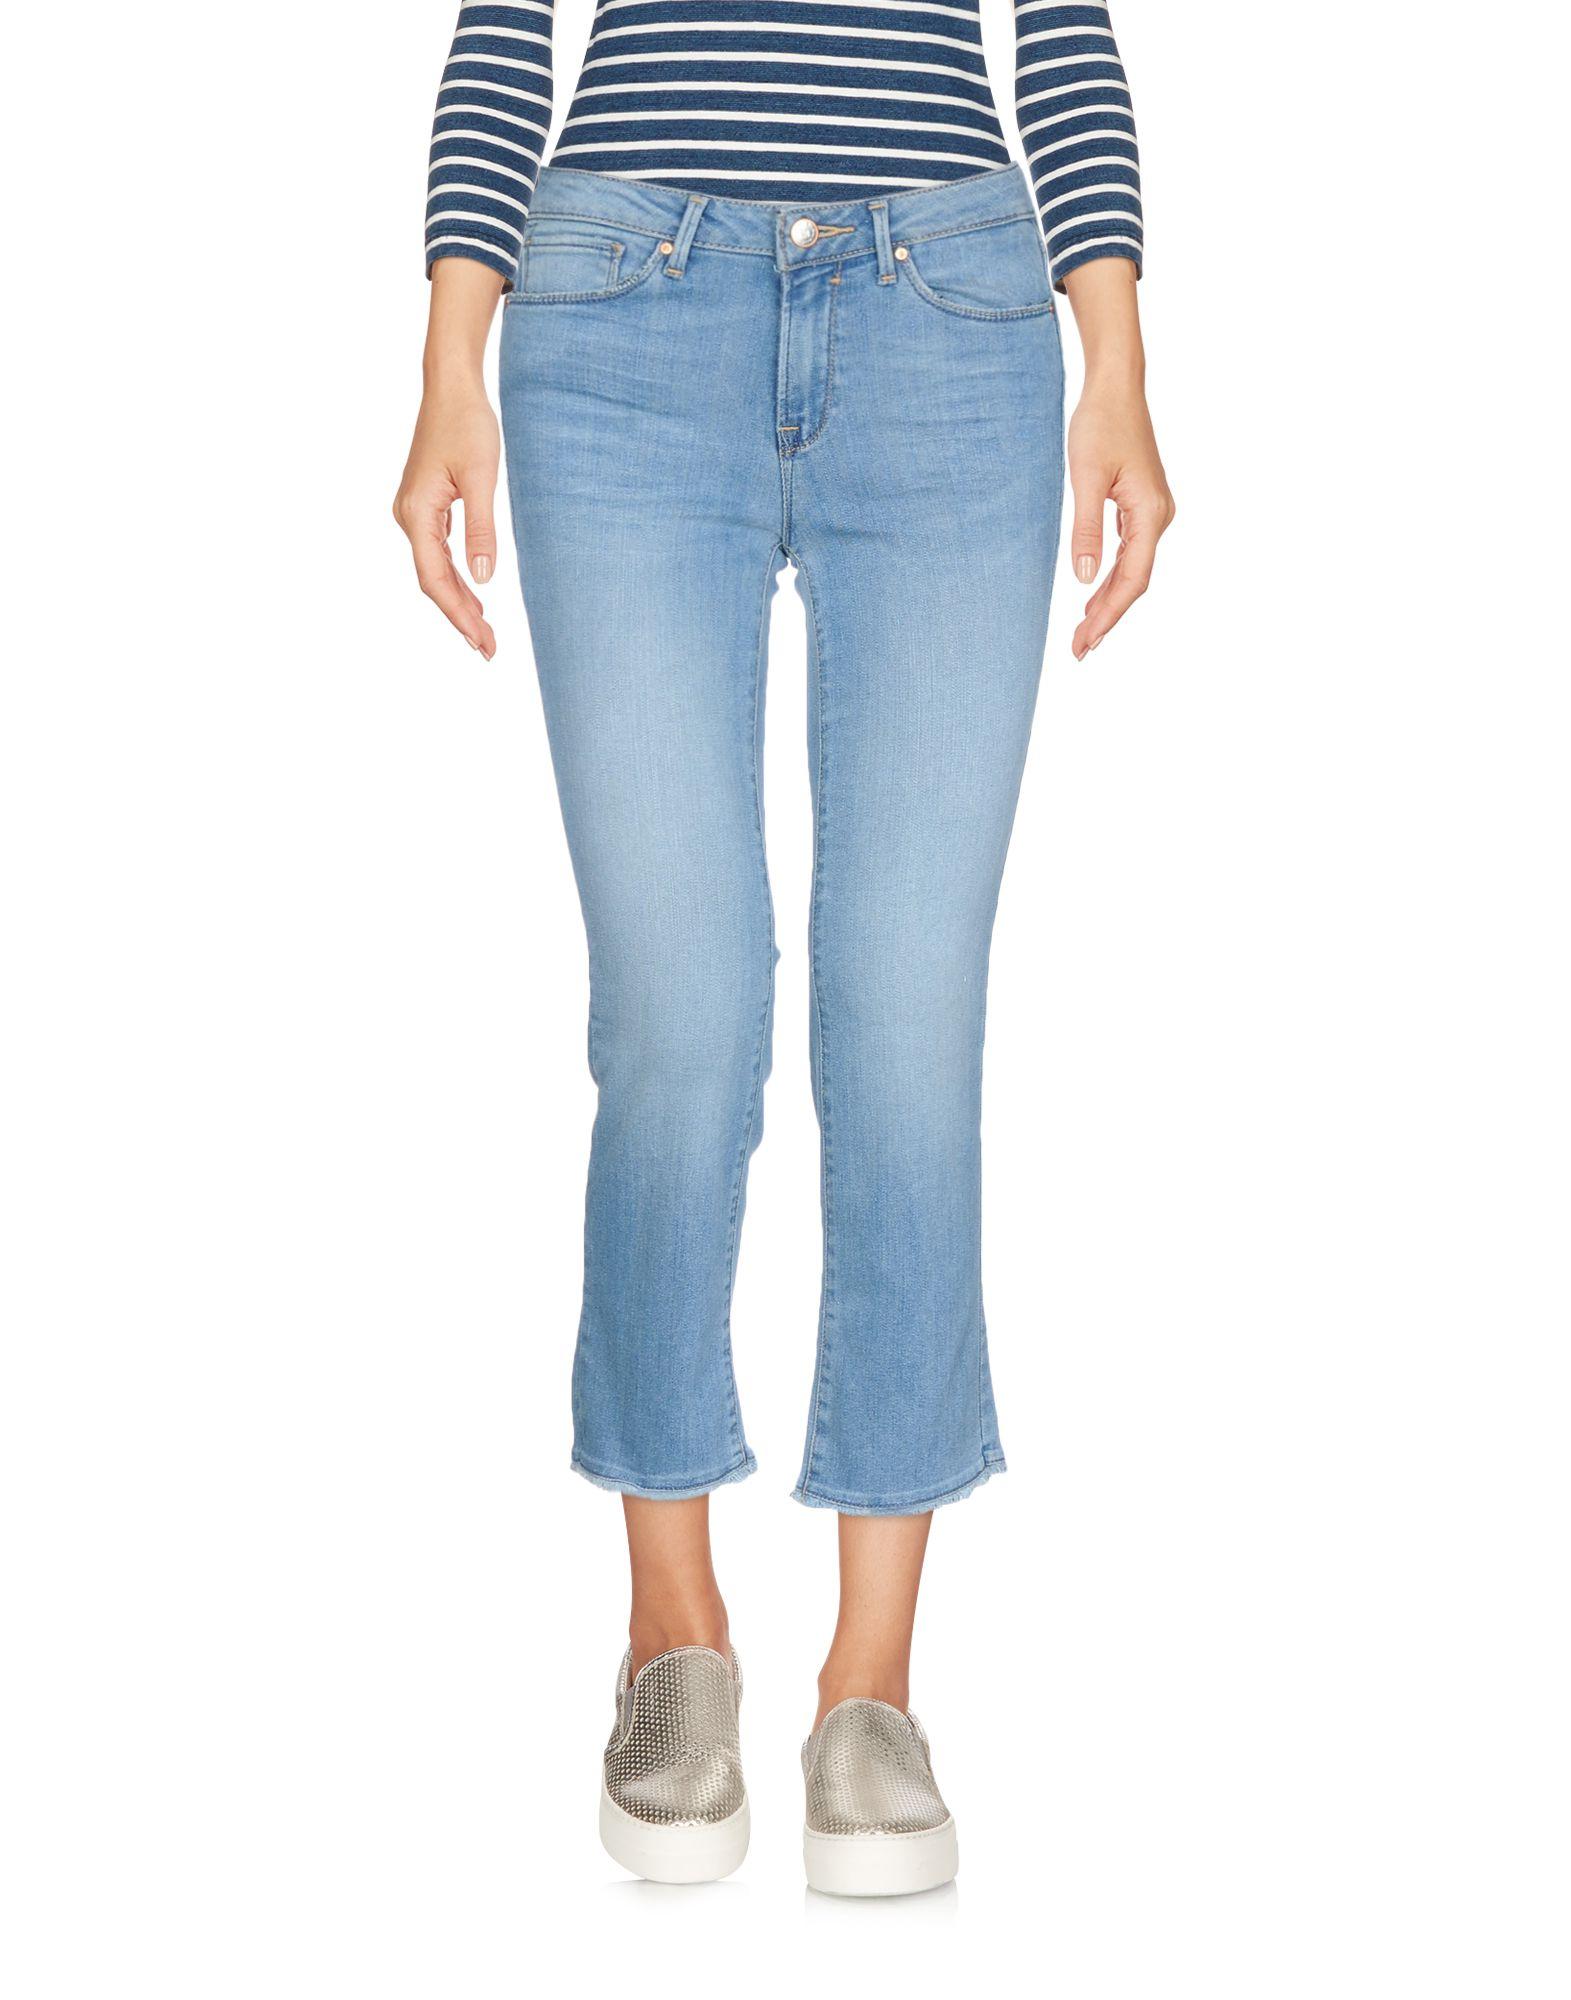 ONLY Джинсовые брюки-капри only брюки капри